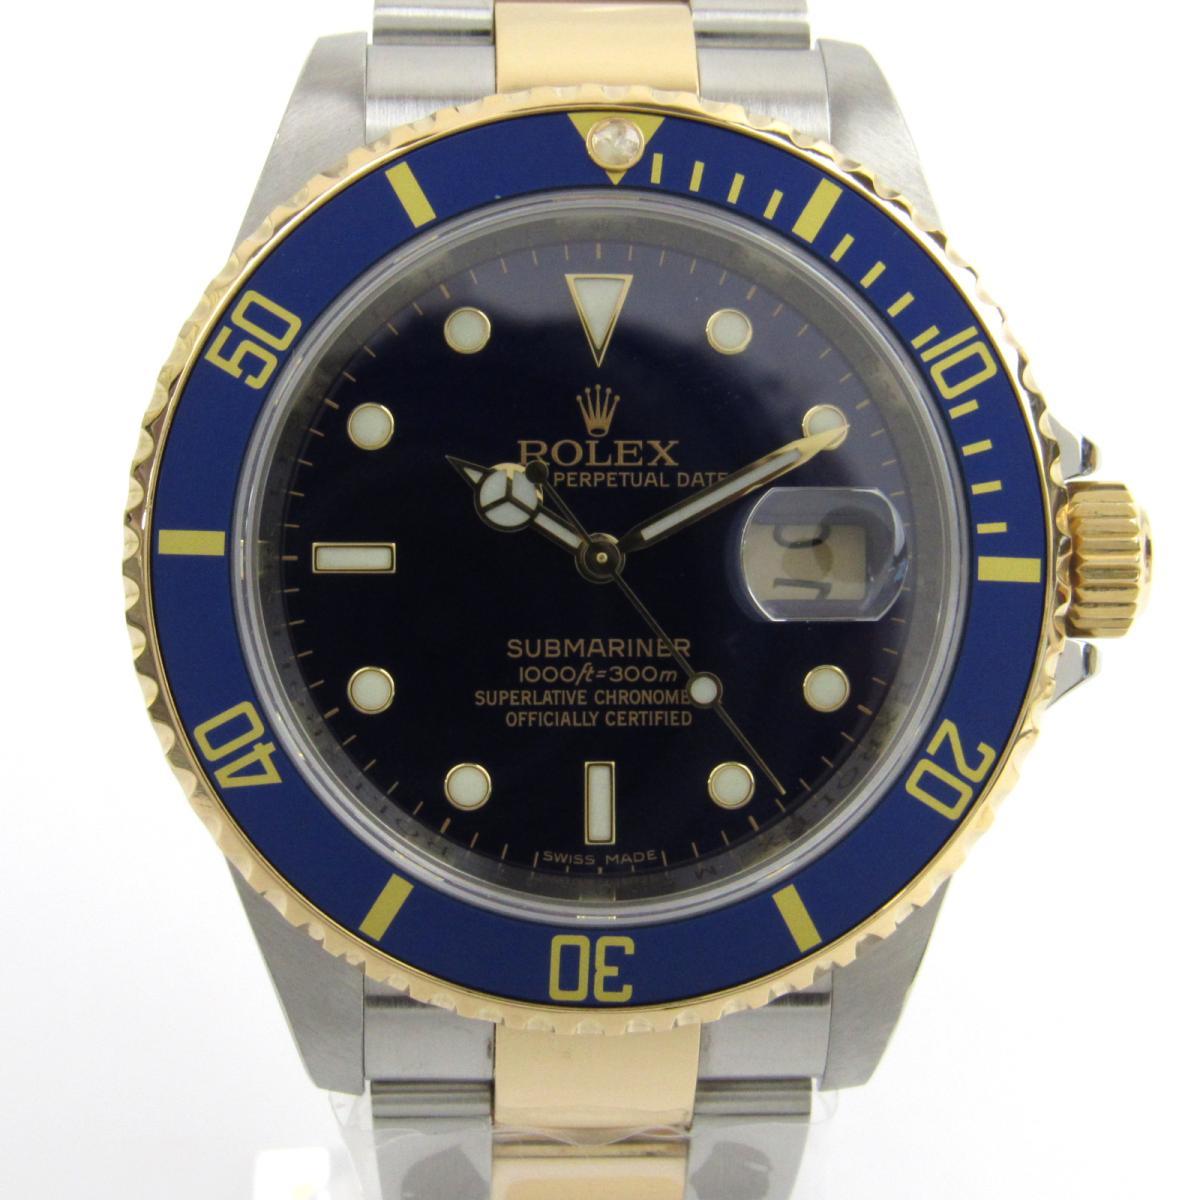 割引クーポン ロレックス サブマリーナ ウォッチ 腕時計 時計 メンズ K18YG (750) イエローゴールド x ステンレススチール (SS) (16613 ) 【】 | ROLEX BRANDOFF ブランドオフ ブランド ブランド時計 ブランド腕時計, インナーショップクレール 4a05378a